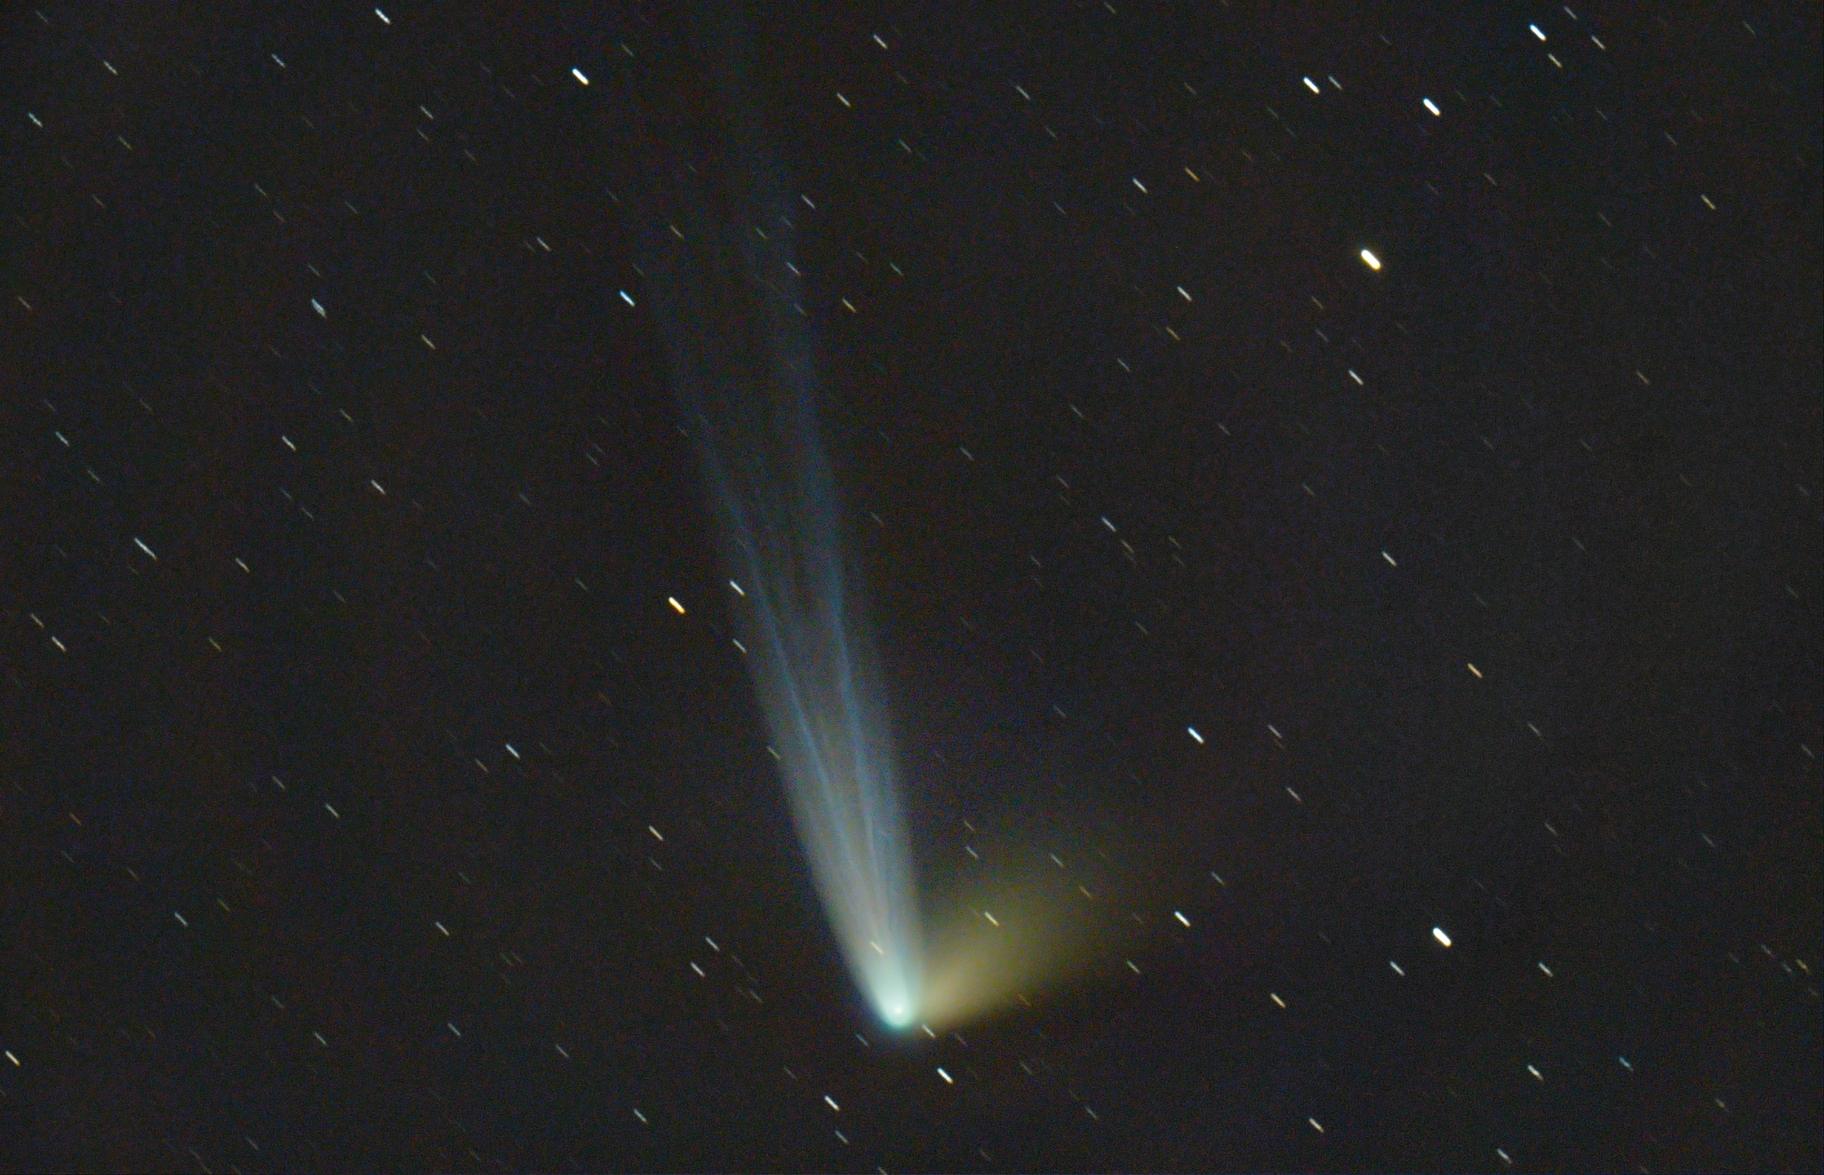 Colas de cometa y rastros de estrellas